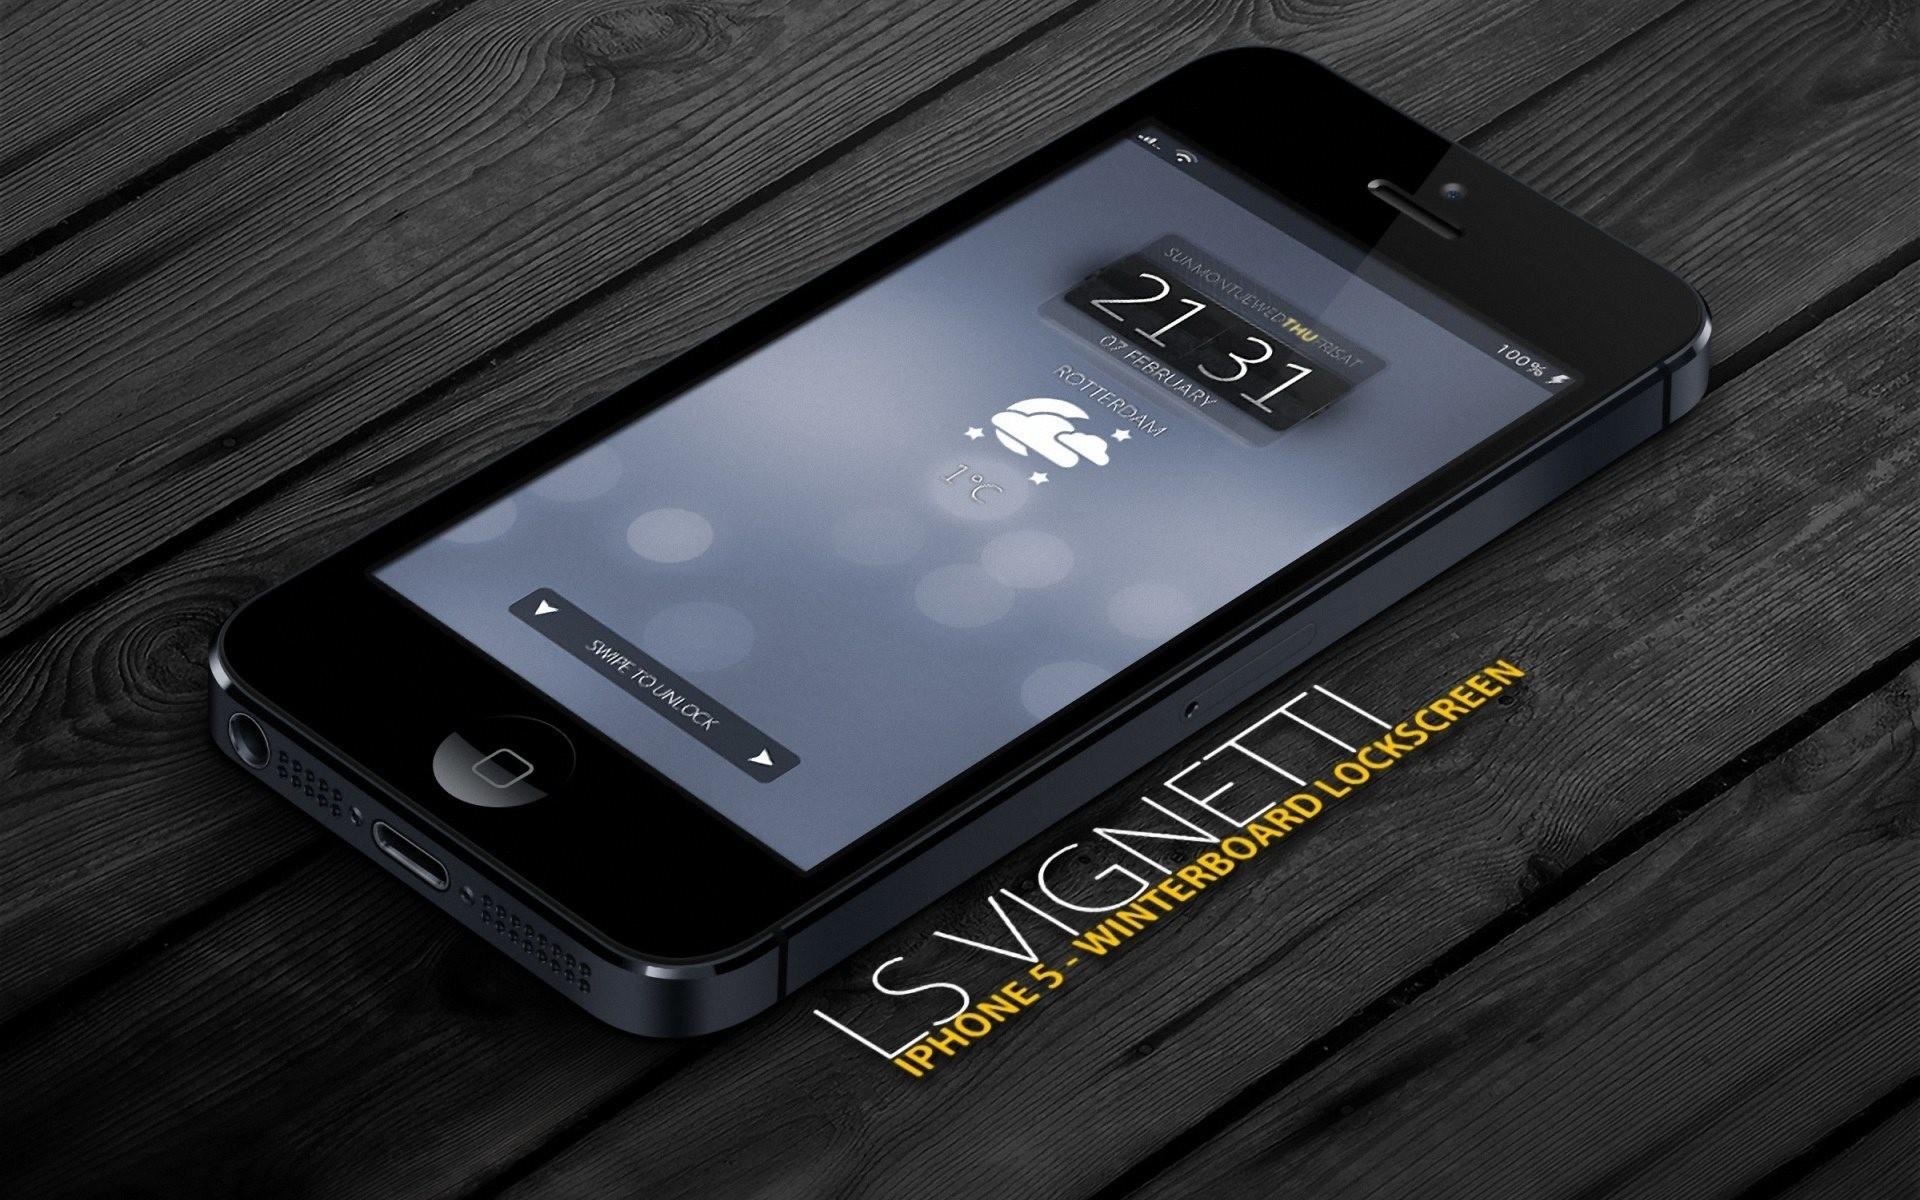 Iphone5 Black 3d Smartphone Times Wooden Floor Hd Wallpaper - Hd Wallpapers 1080p Iphone 5s - HD Wallpaper